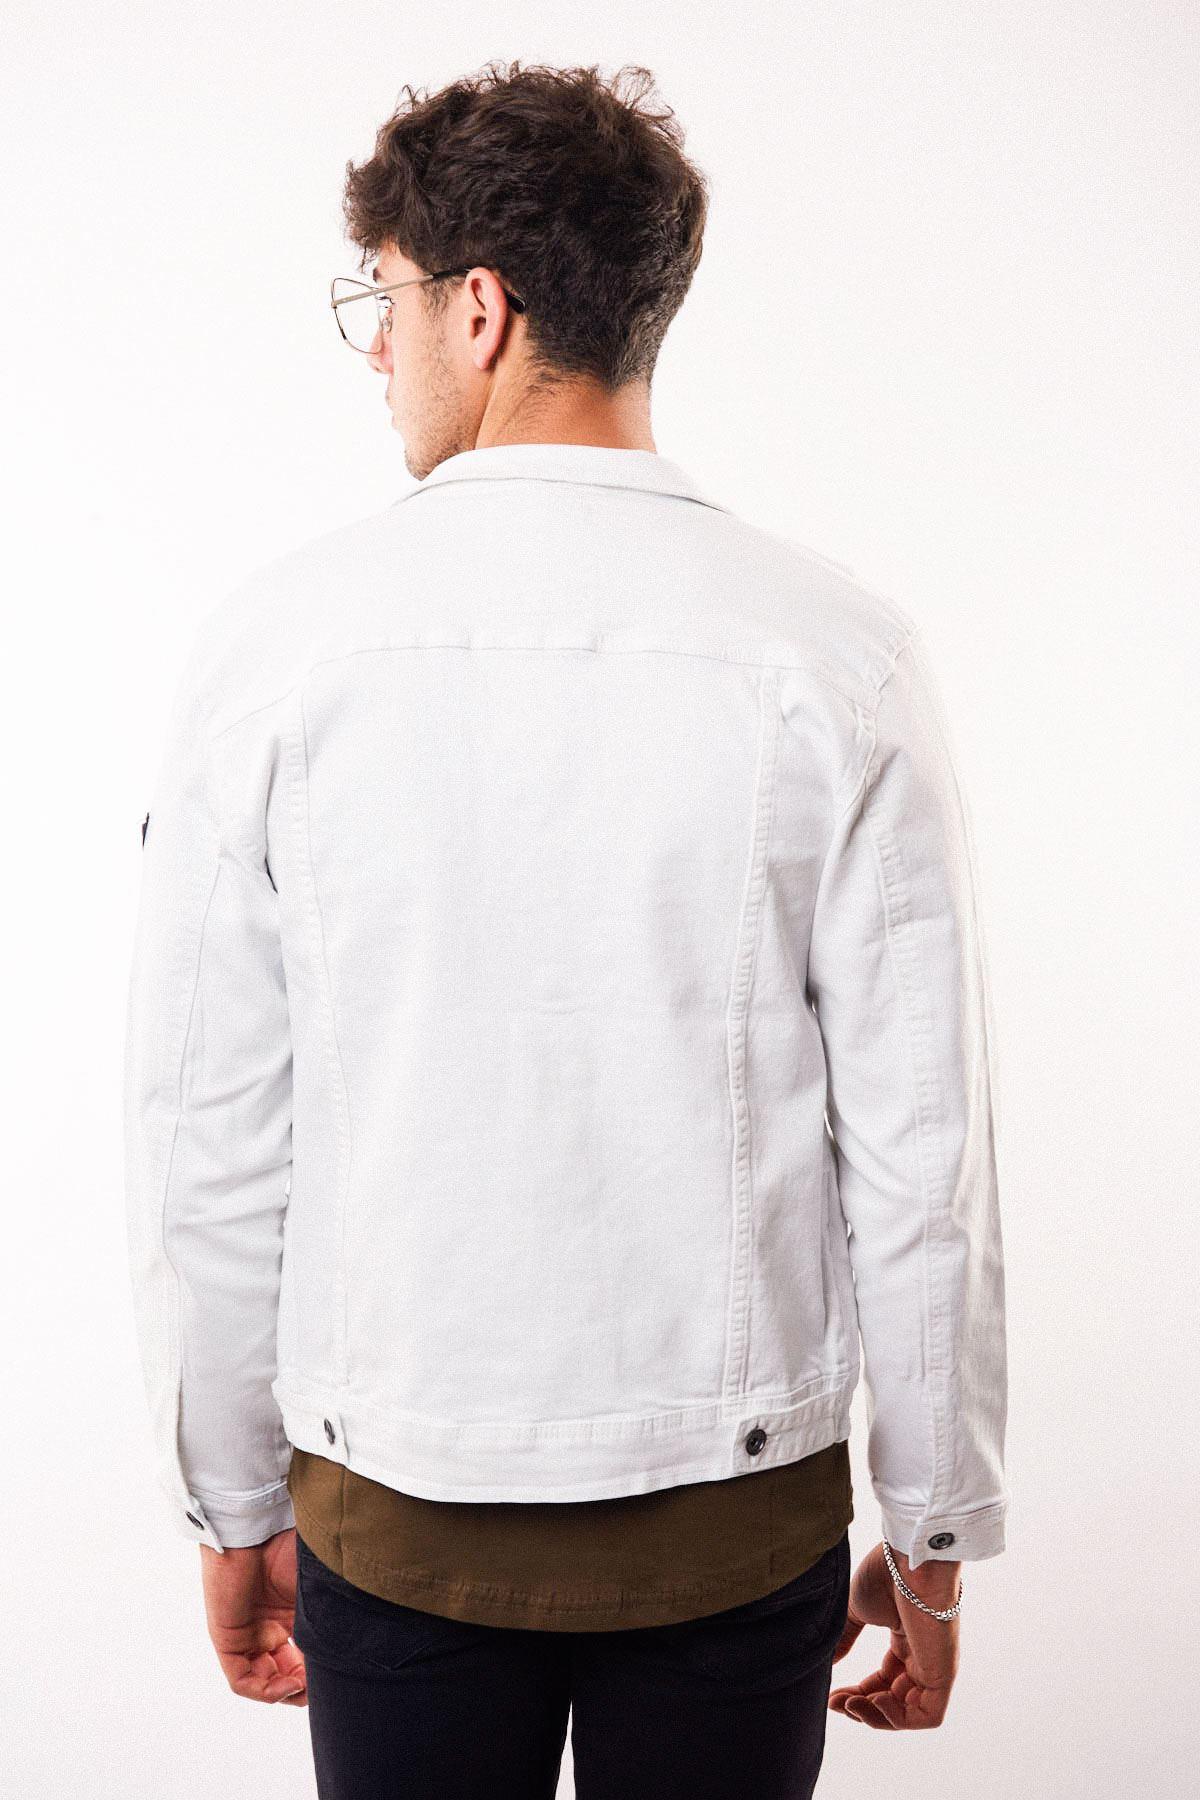 Gri Düğmeli Beyaz Yıpratmalı Erkek Kot Ceket